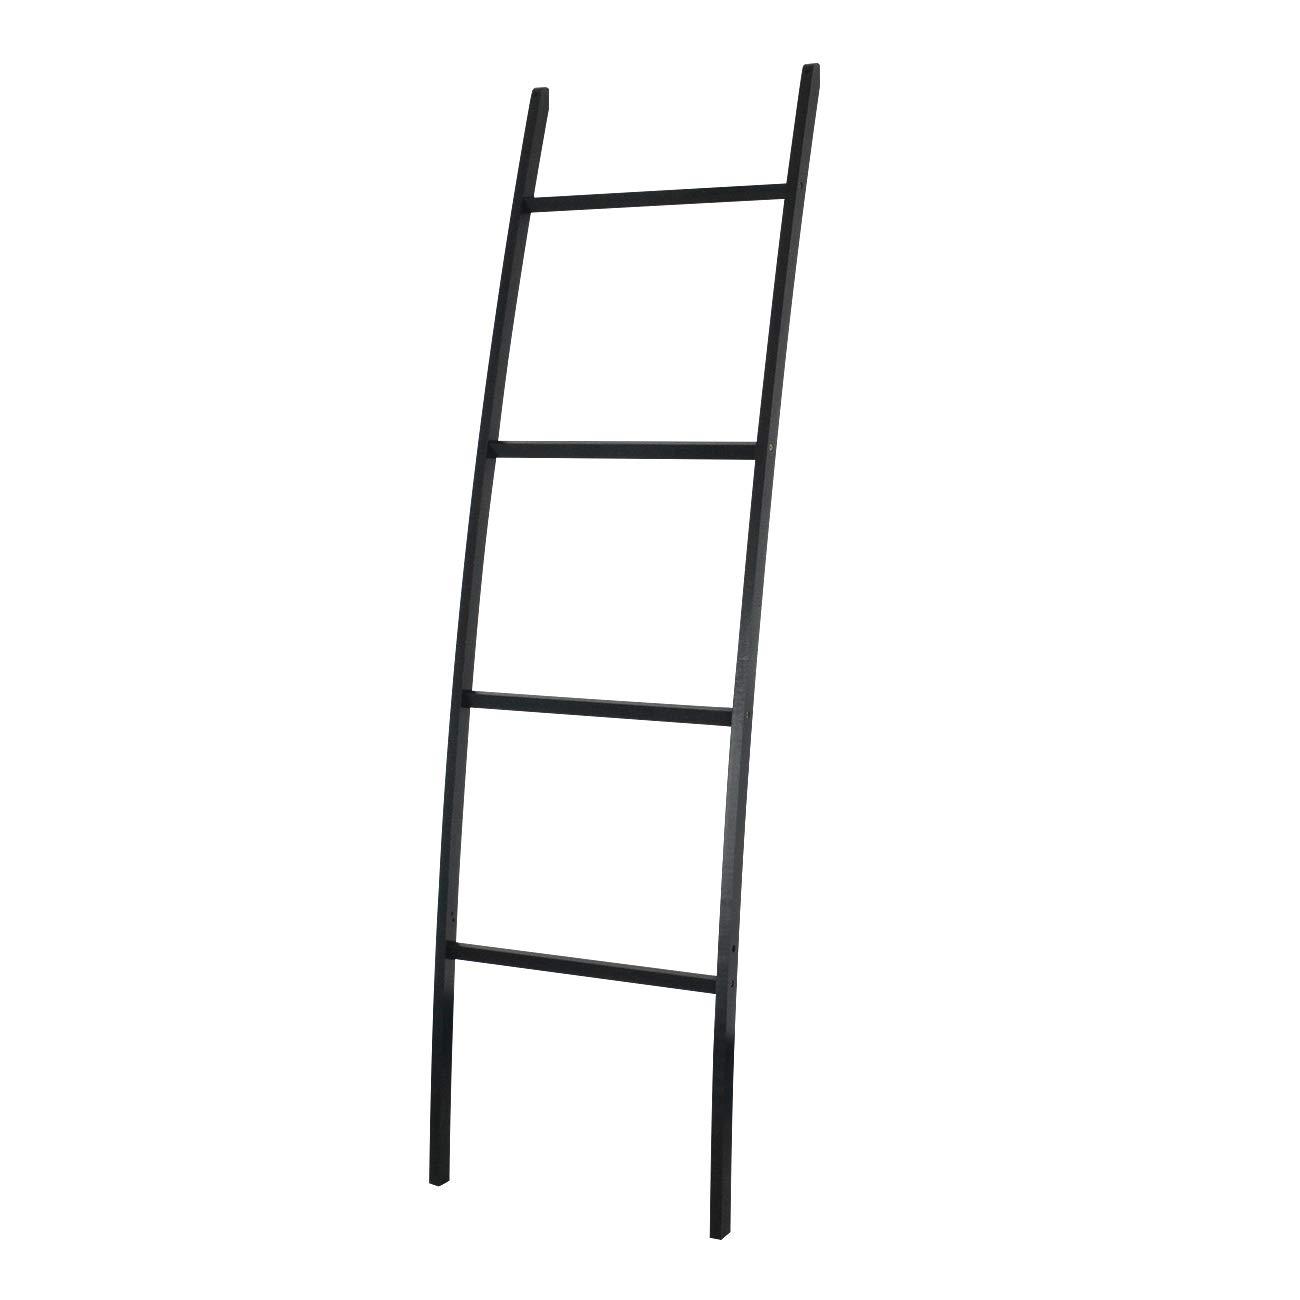 Negro para Cuarto de ba/ño bamb/ú ZRI bamb/ú Color marr/ón sal/ón Muy Elegante Toallero de bamb/ú con 4 Barras 50 x 2 x 170 cm